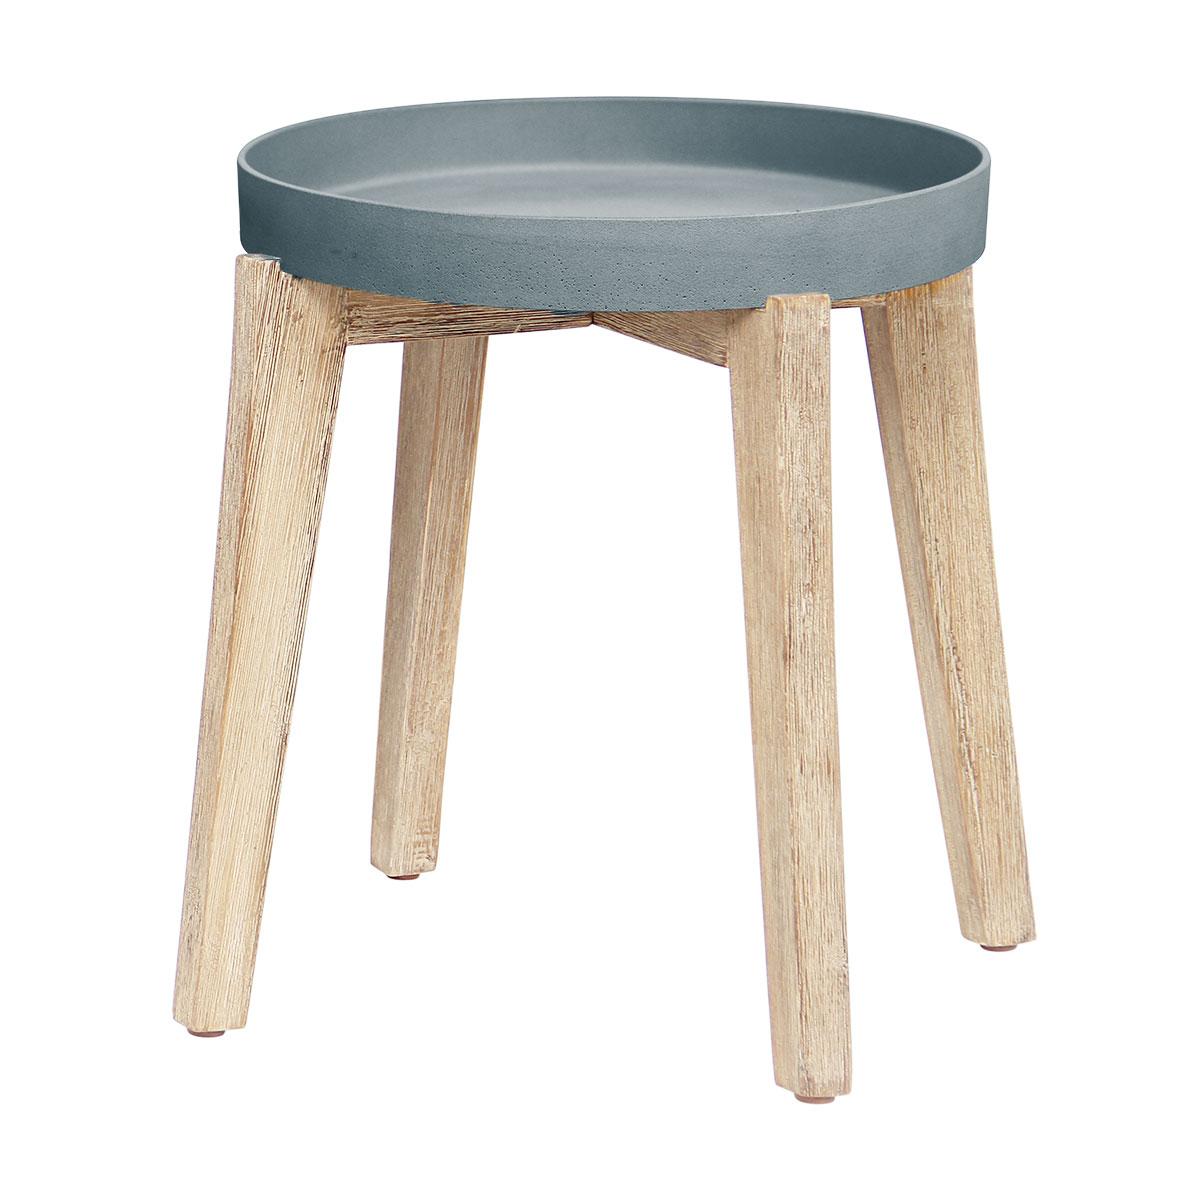 Table basse Gypso gris en bois et grès SANDSTONE